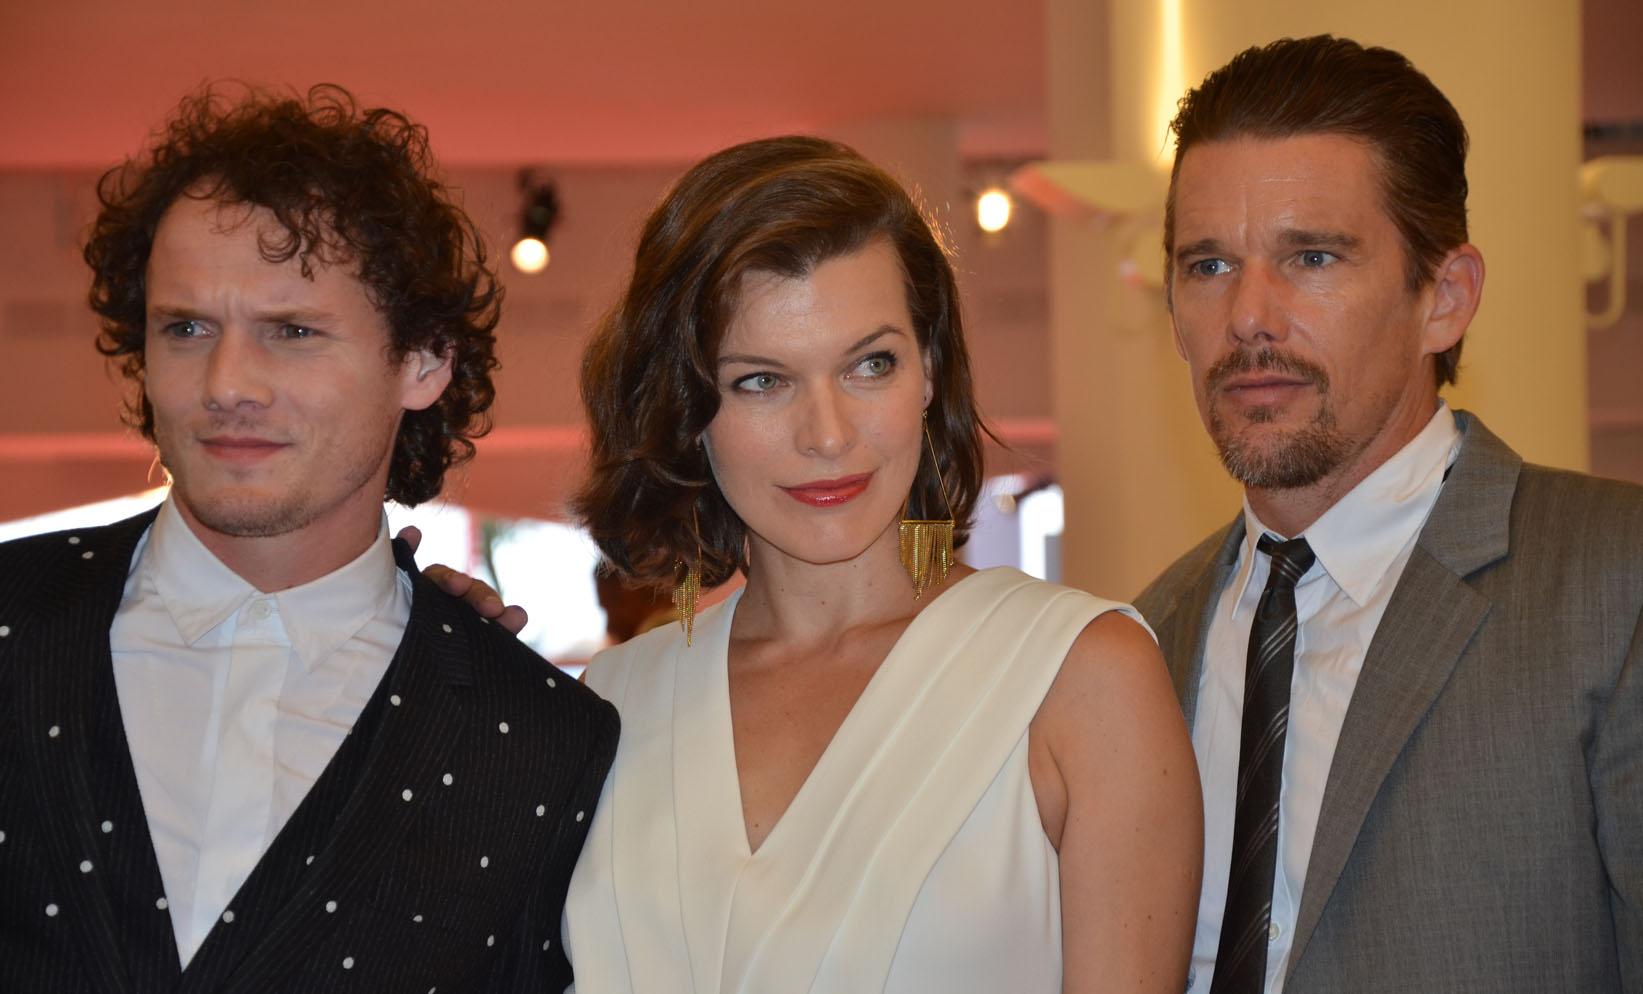 Anton Yelchin, Mila Jovovich, Ethan Hawke al Palazzo del Cinema, 71. Mostra d'Arte Cinematografica, Venezia 2014. Credits Valentina Zanaga